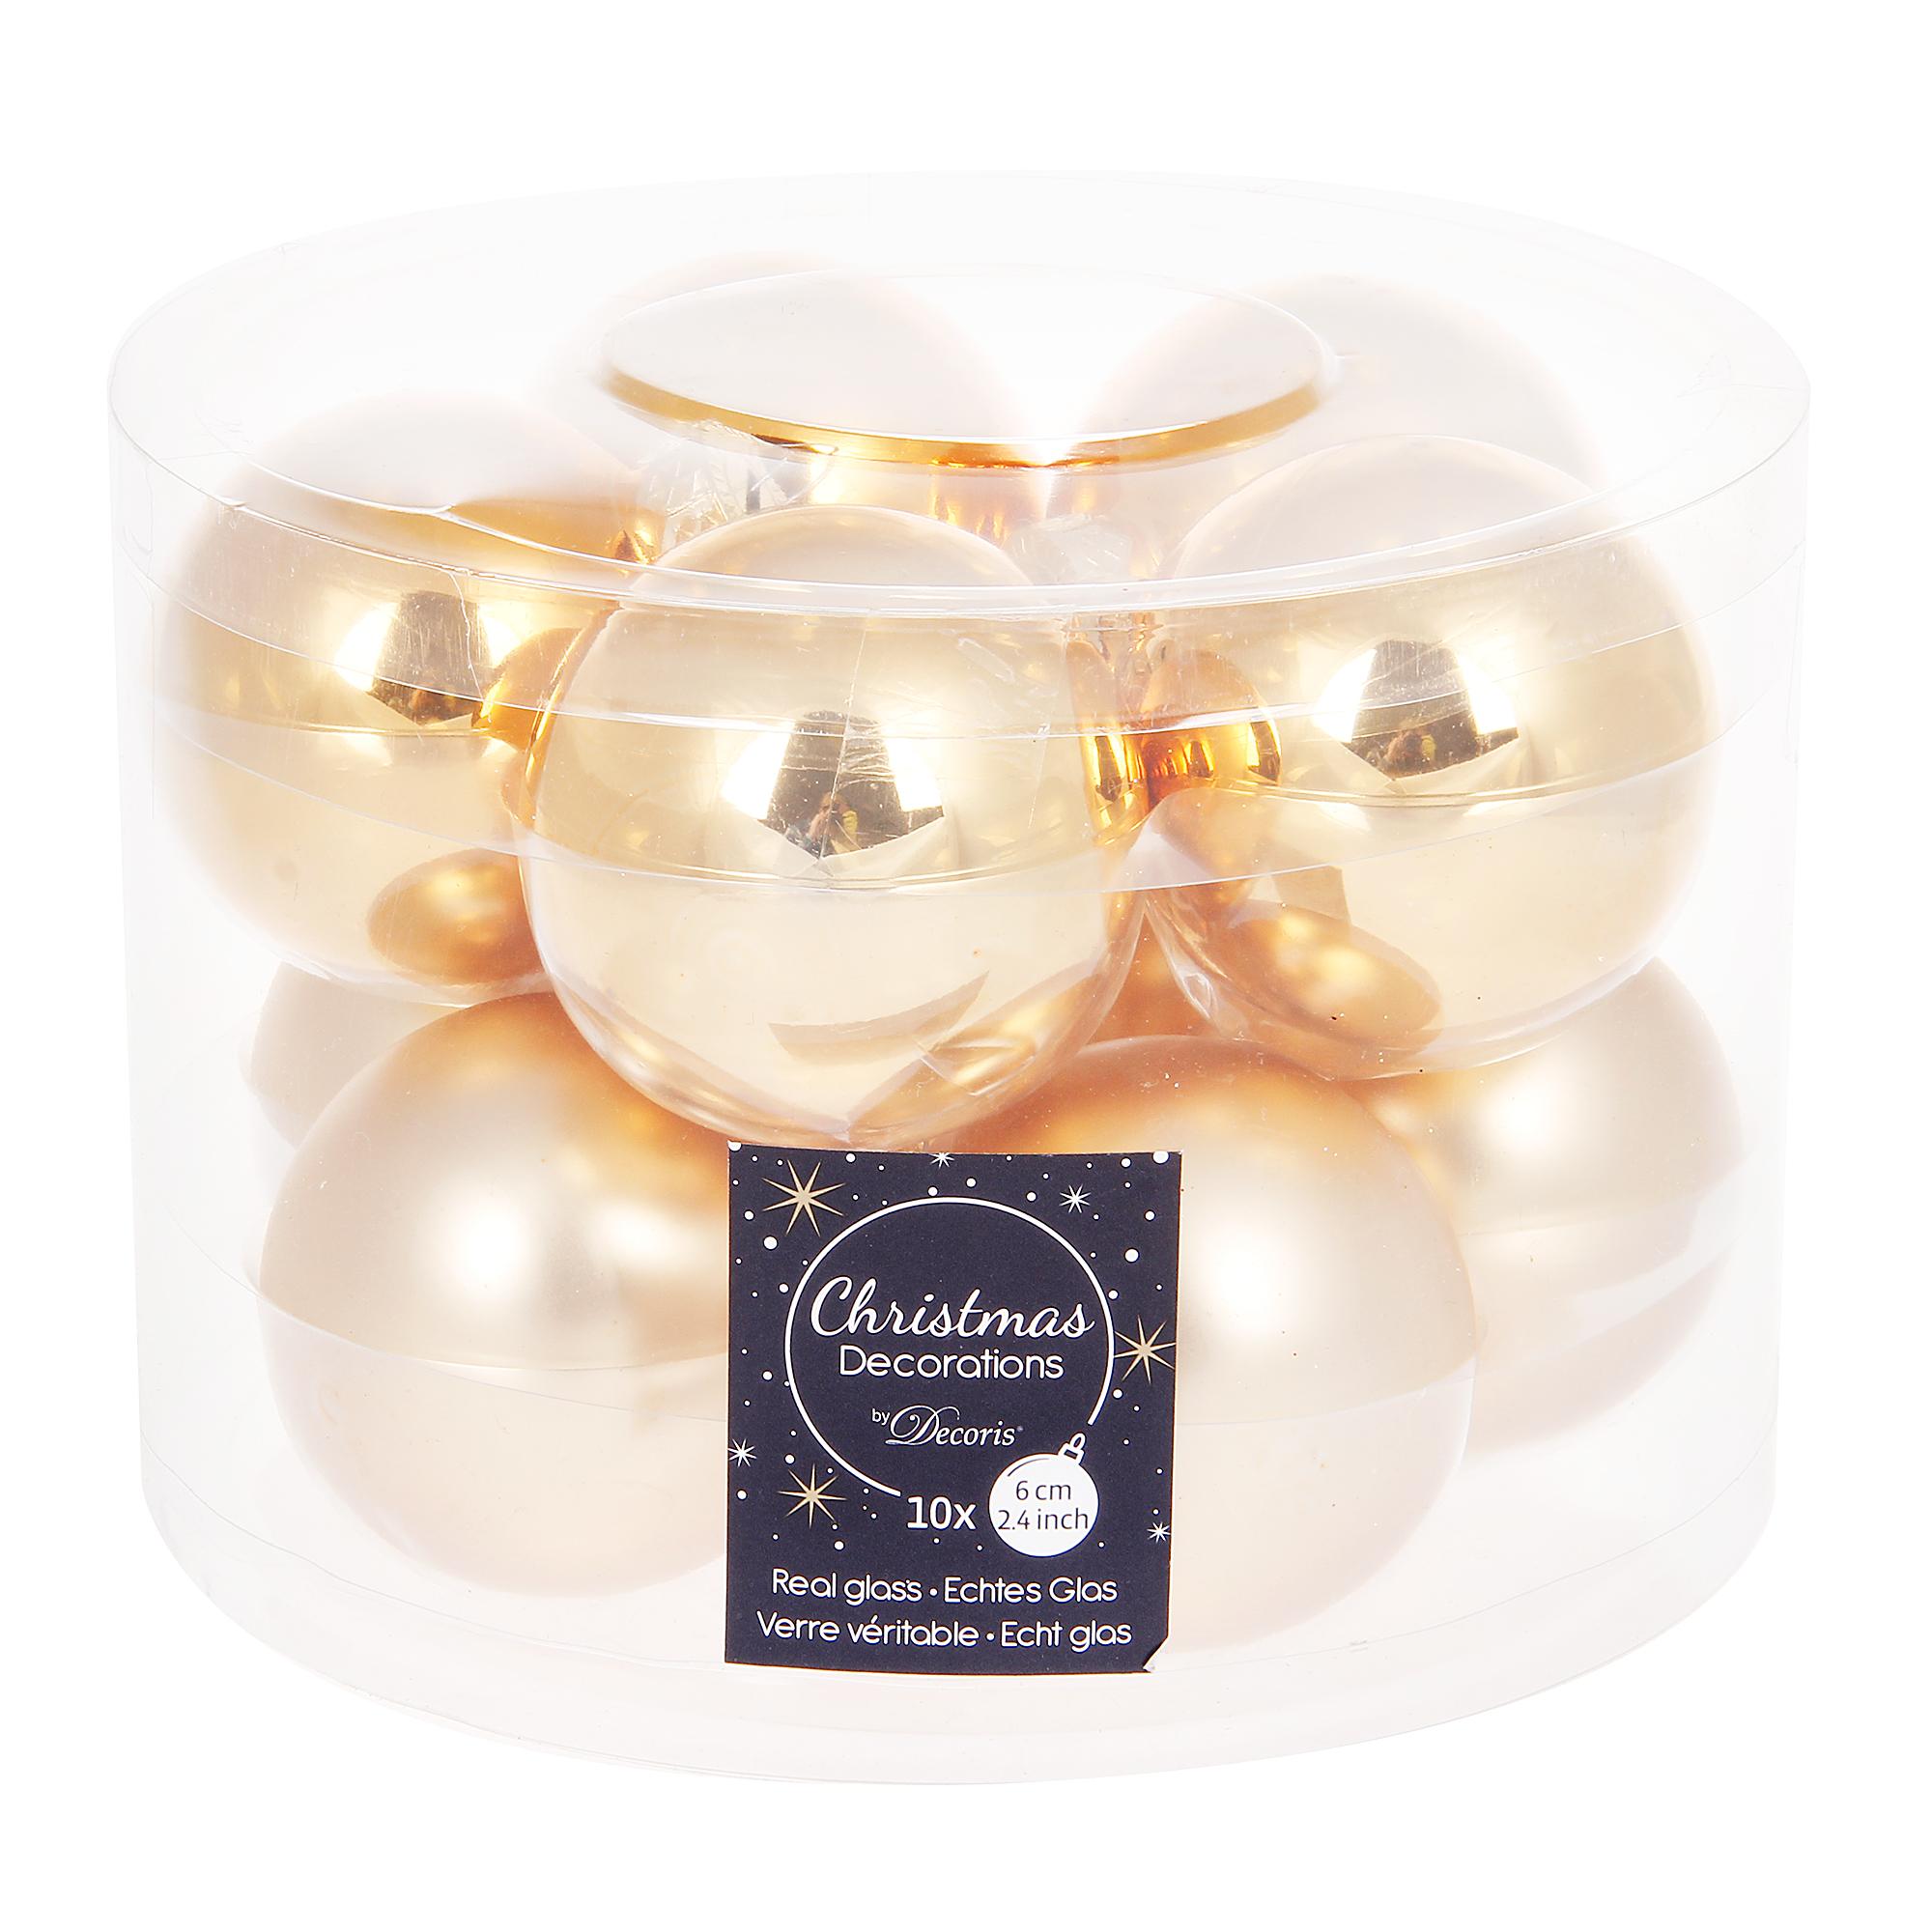 Набор шаров в тубе 6см 8шт Kaemingk набор шаров в тубе kaemingk 6см 10шт бордо стекло